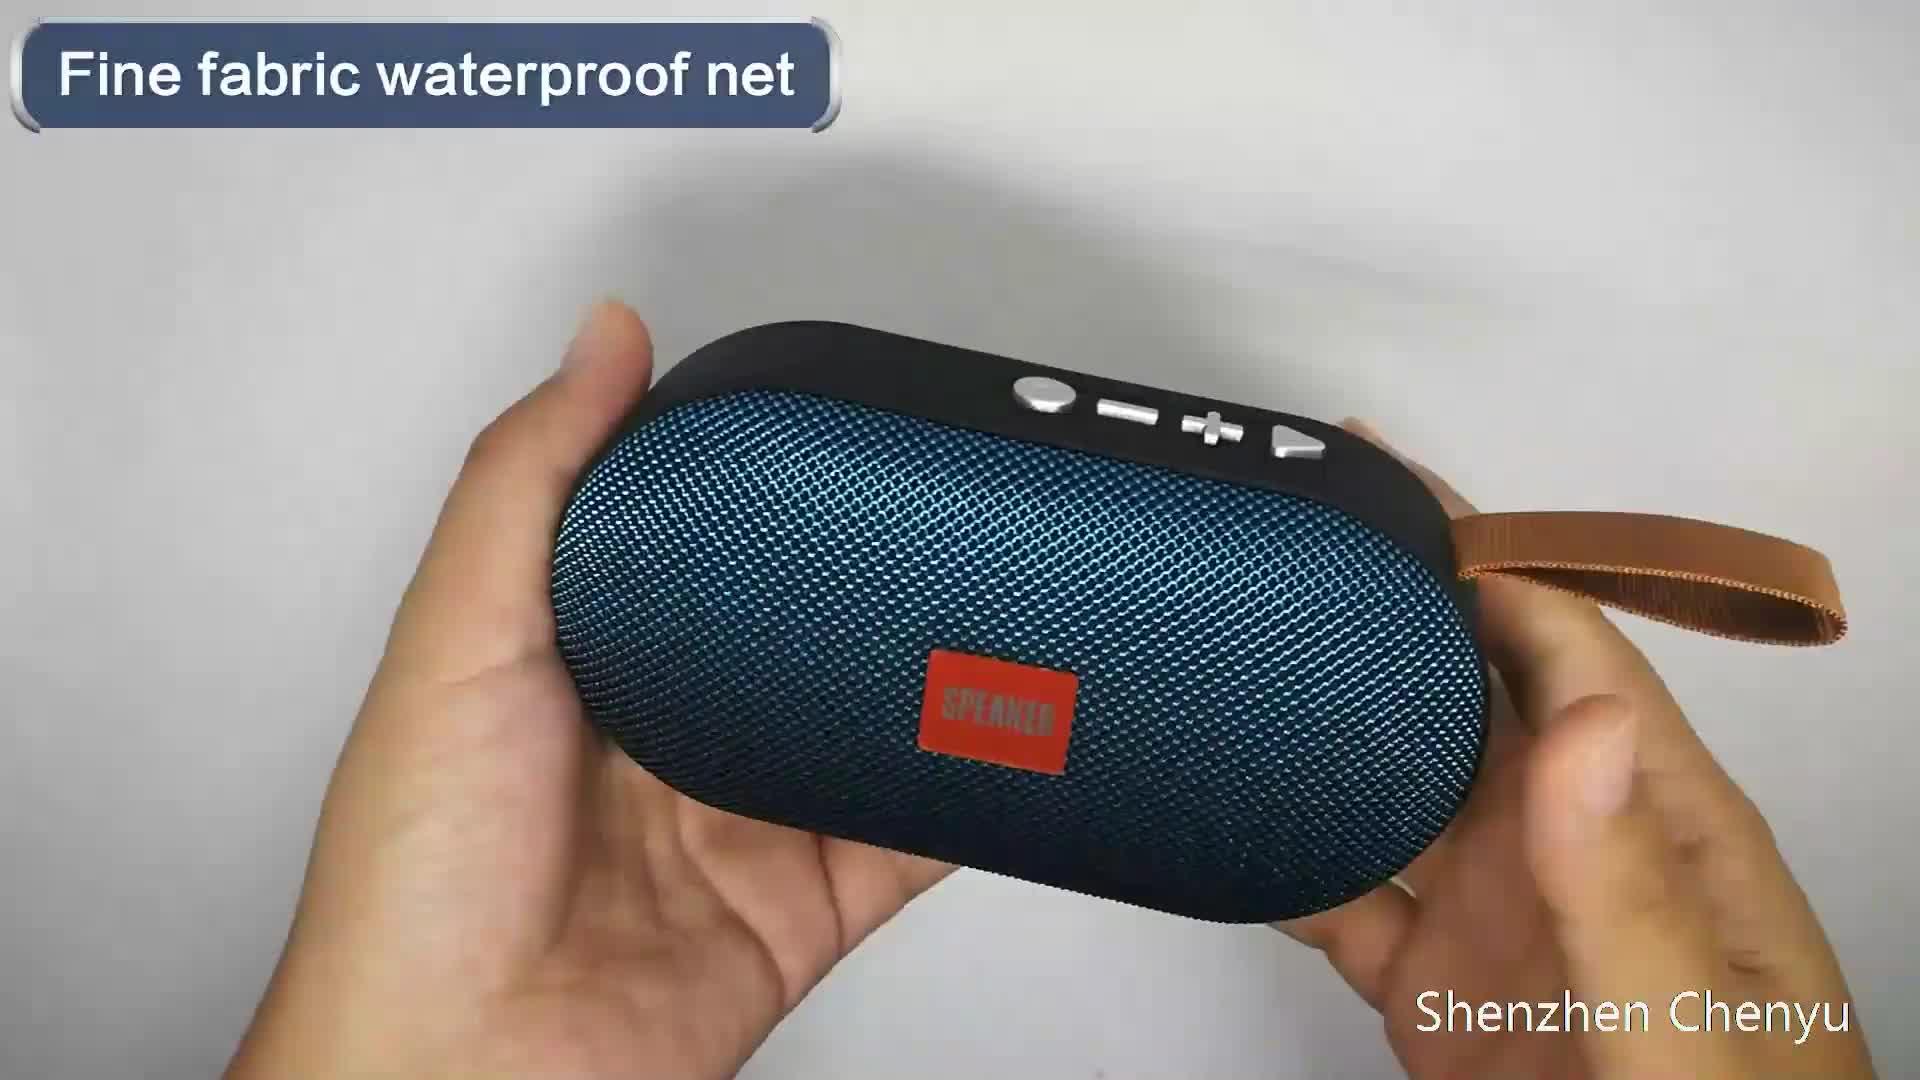 Murah Mini Portable Tahan Air Shower Speaker MIC Suara Keras Kotak Menerima Panggilan Musik Hisap Speaker Nirkabel